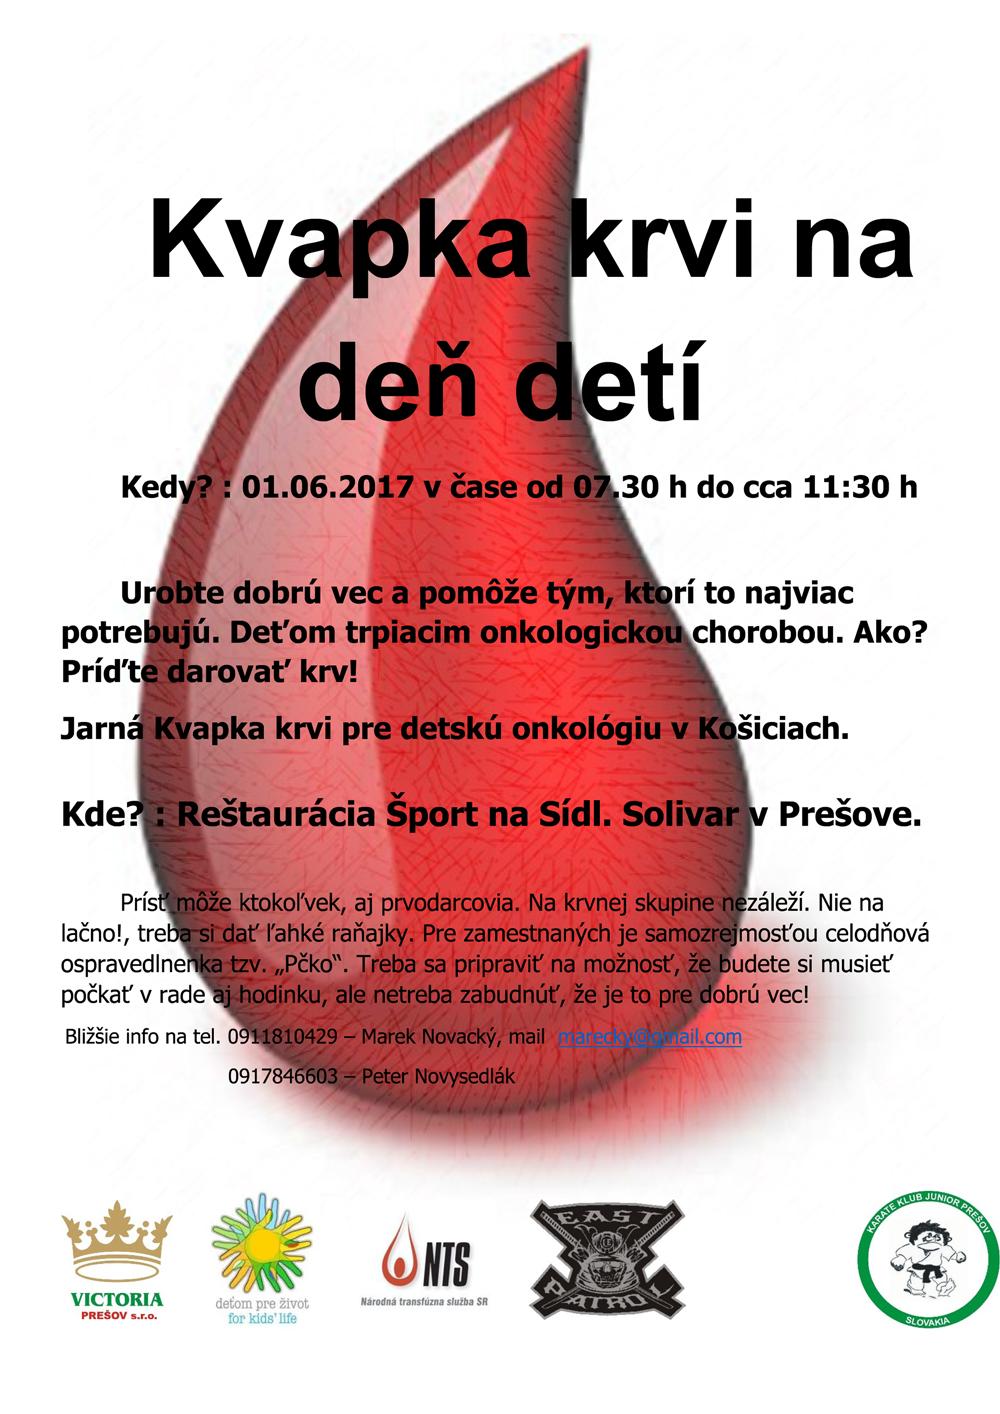 Darovanie krvi na deň deti 1.6.2017